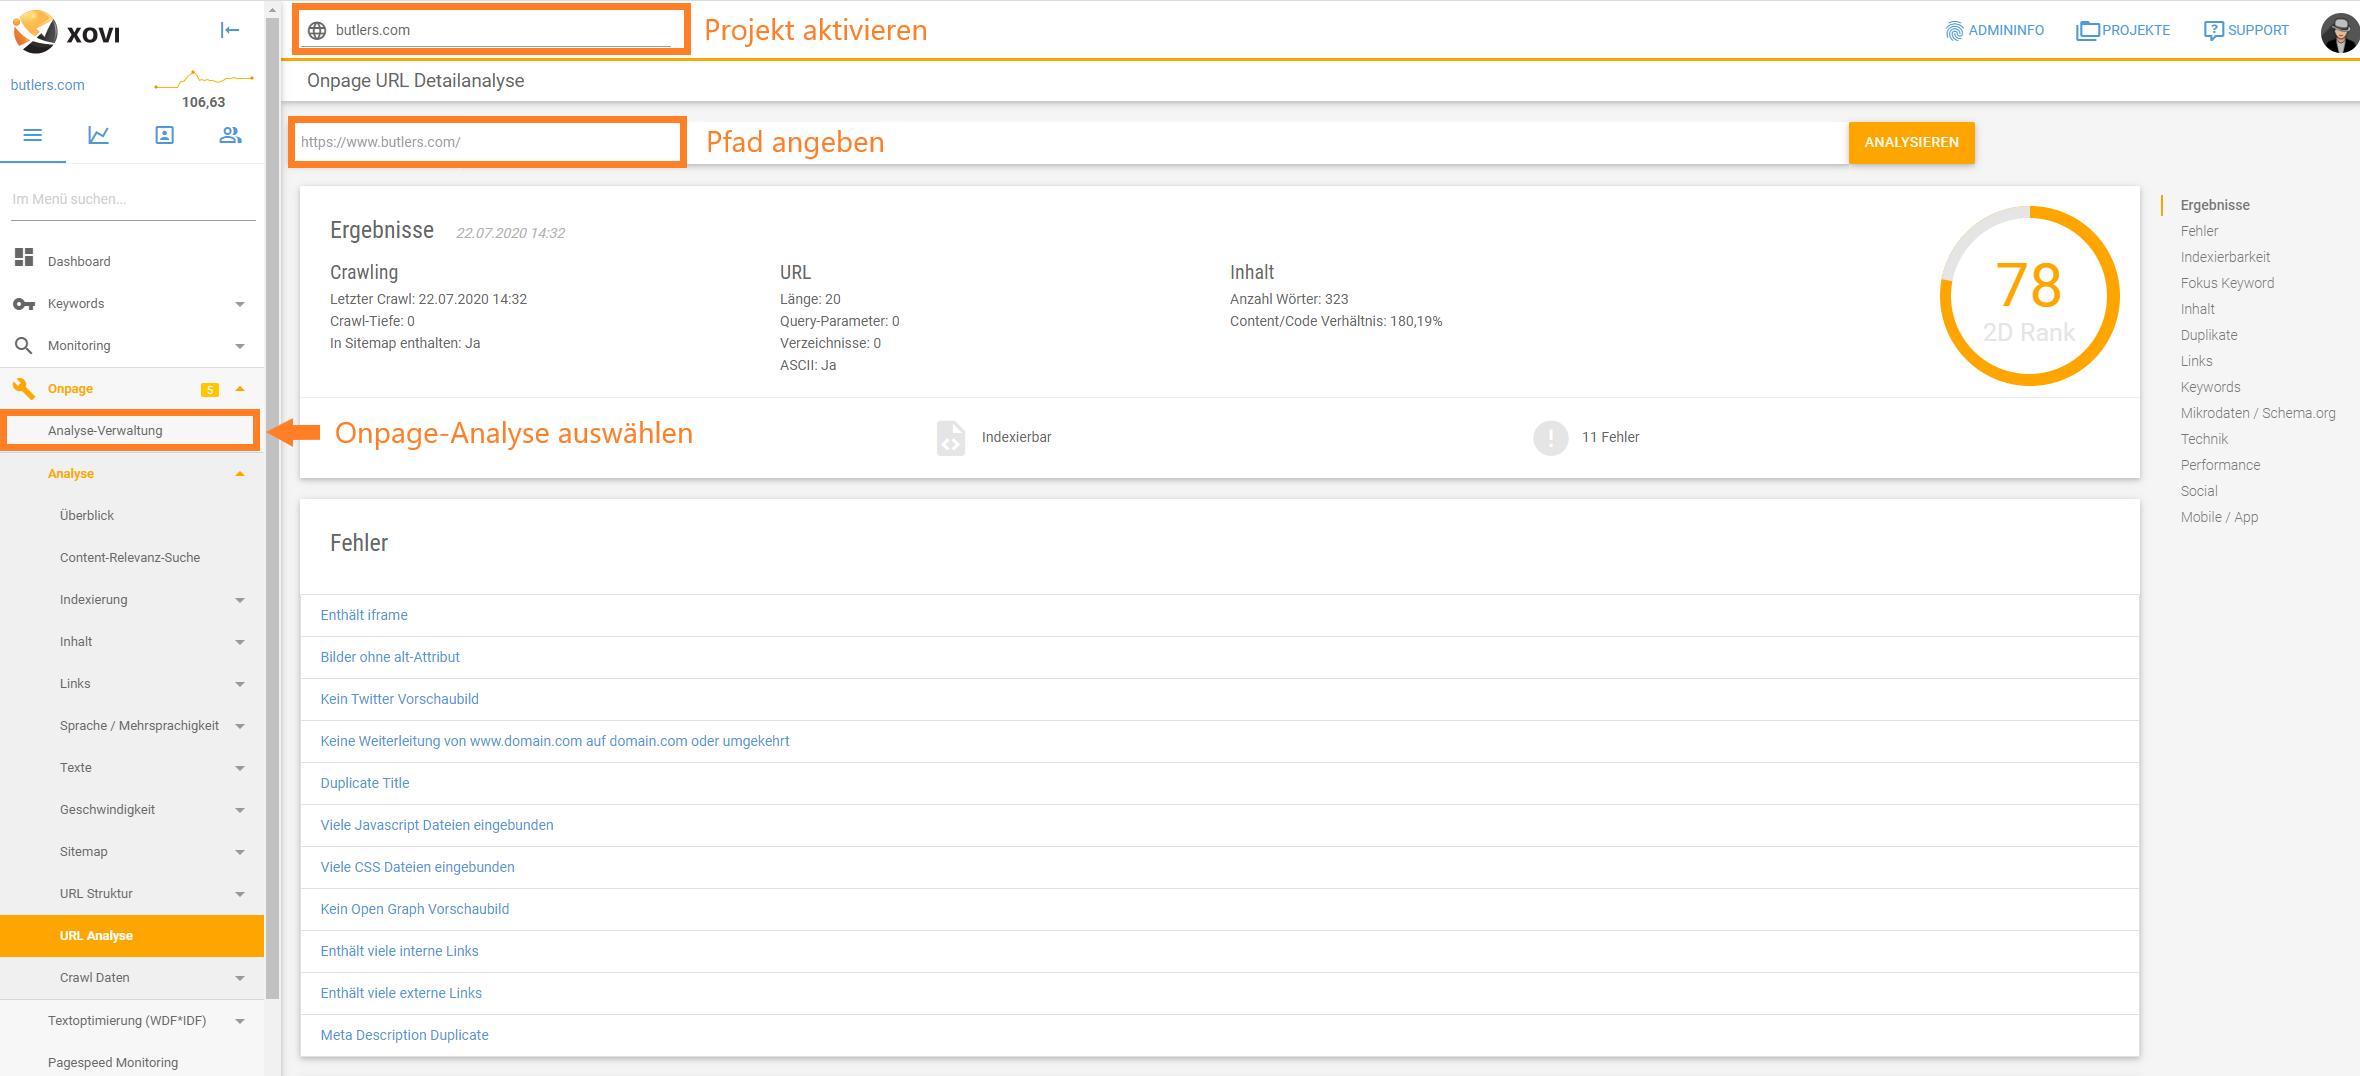 Screenshot der URL Detailanalyse-Maske